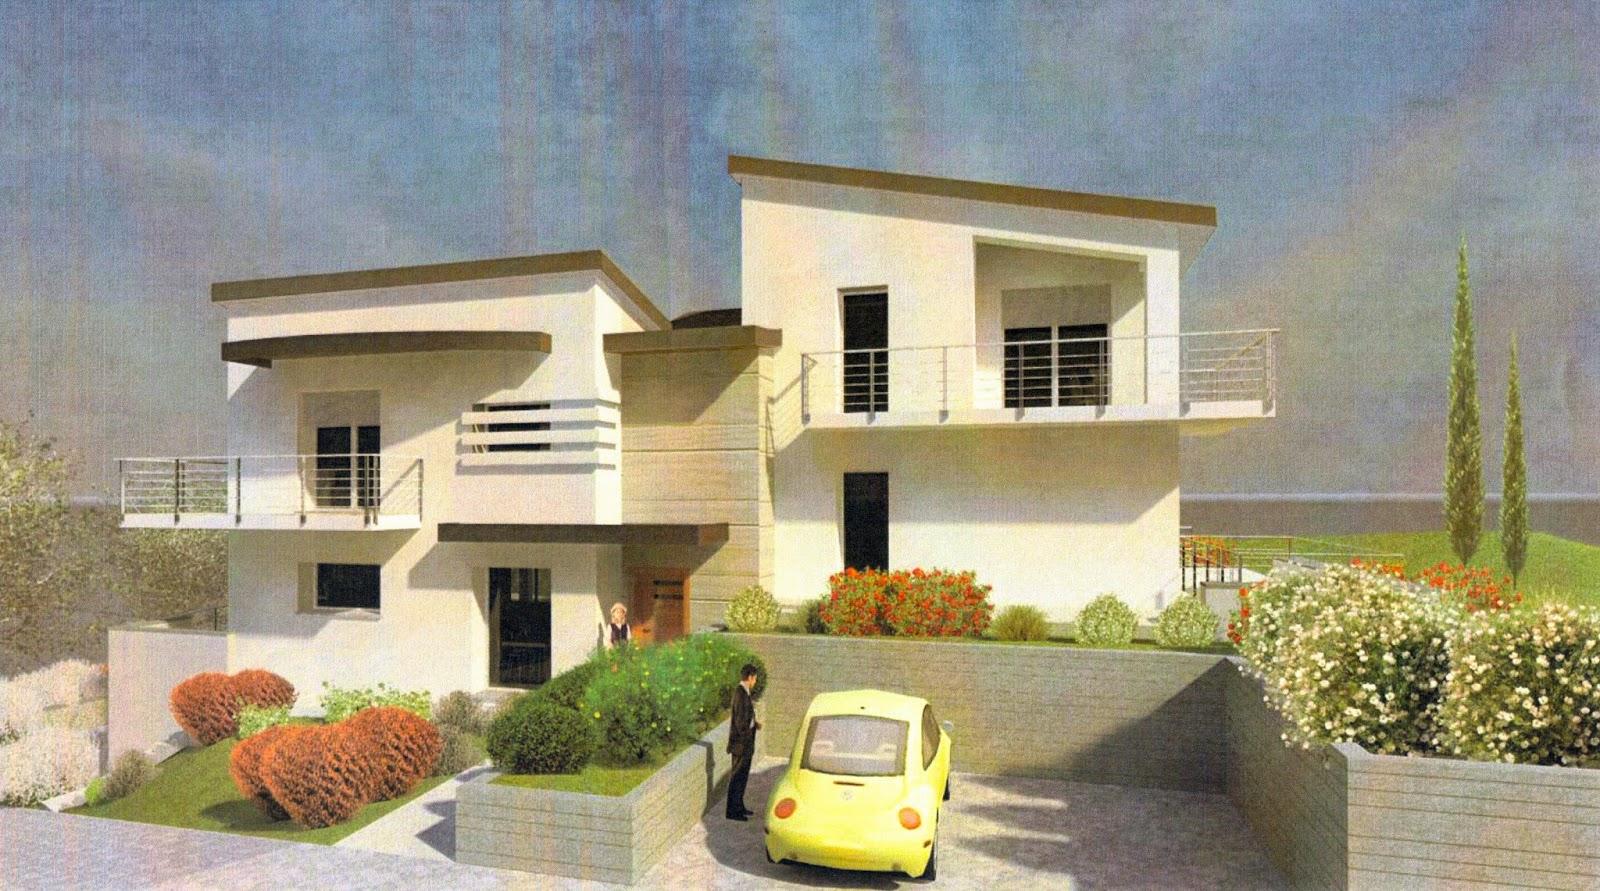 Scelta Colore Per Esterno Casa : Come scegliere il colore della casa esterno decorazione d